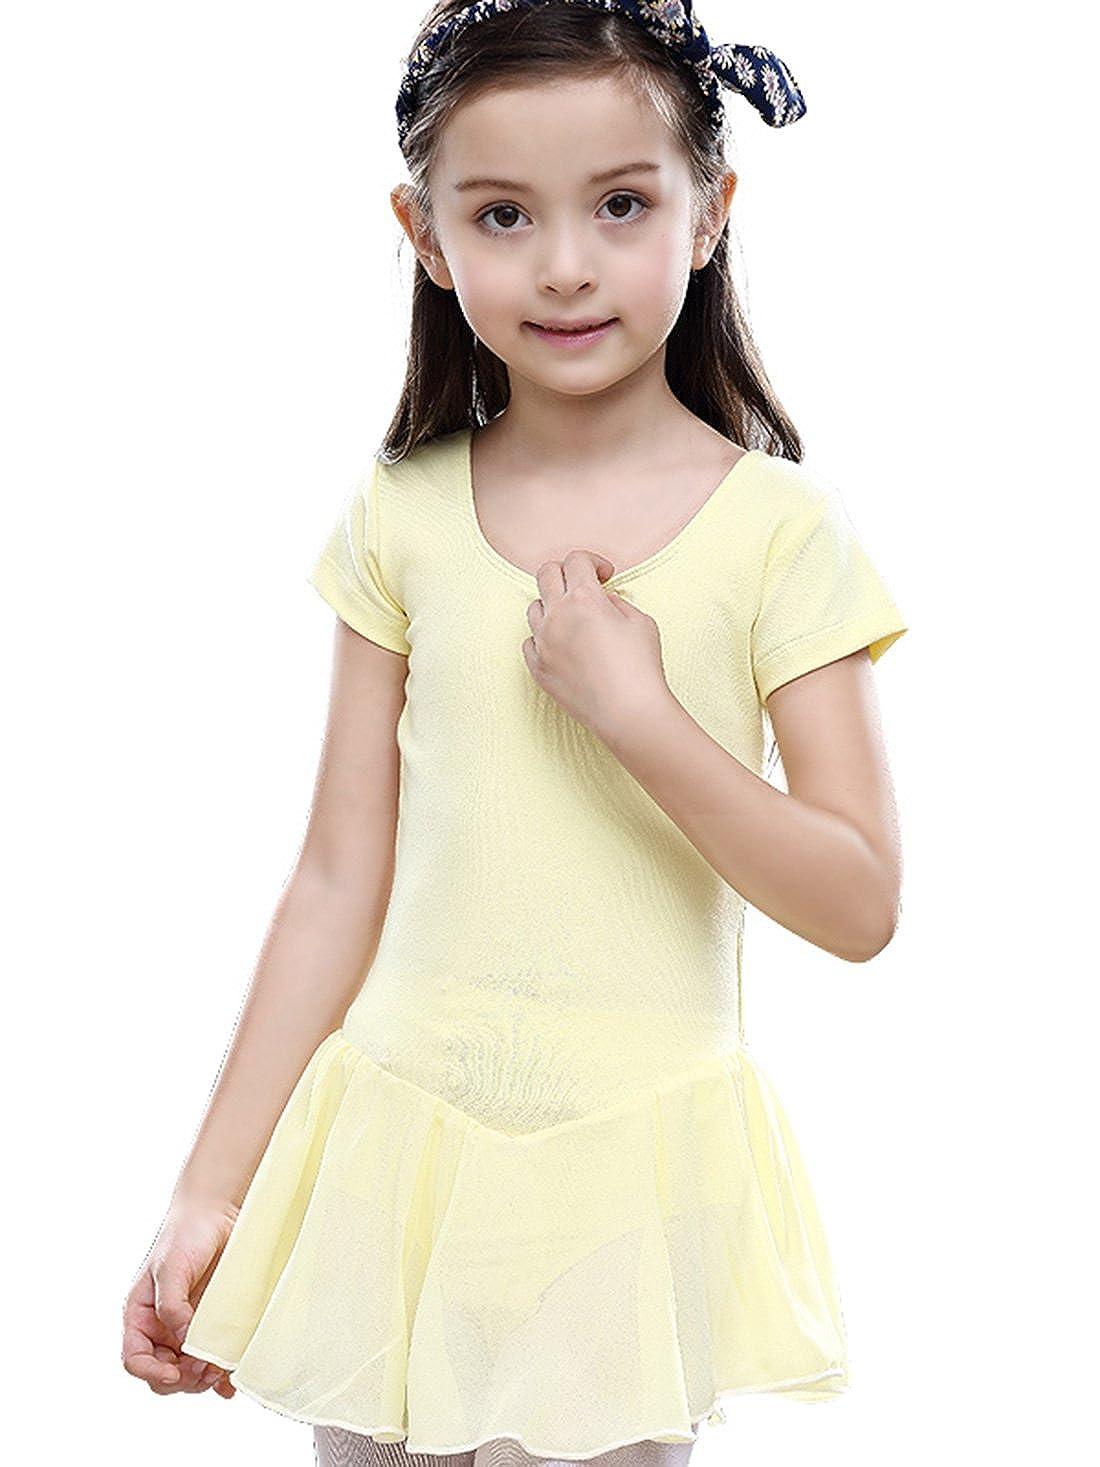 FEOYA Girls Short Sleeve Skirted Leotard for Dance